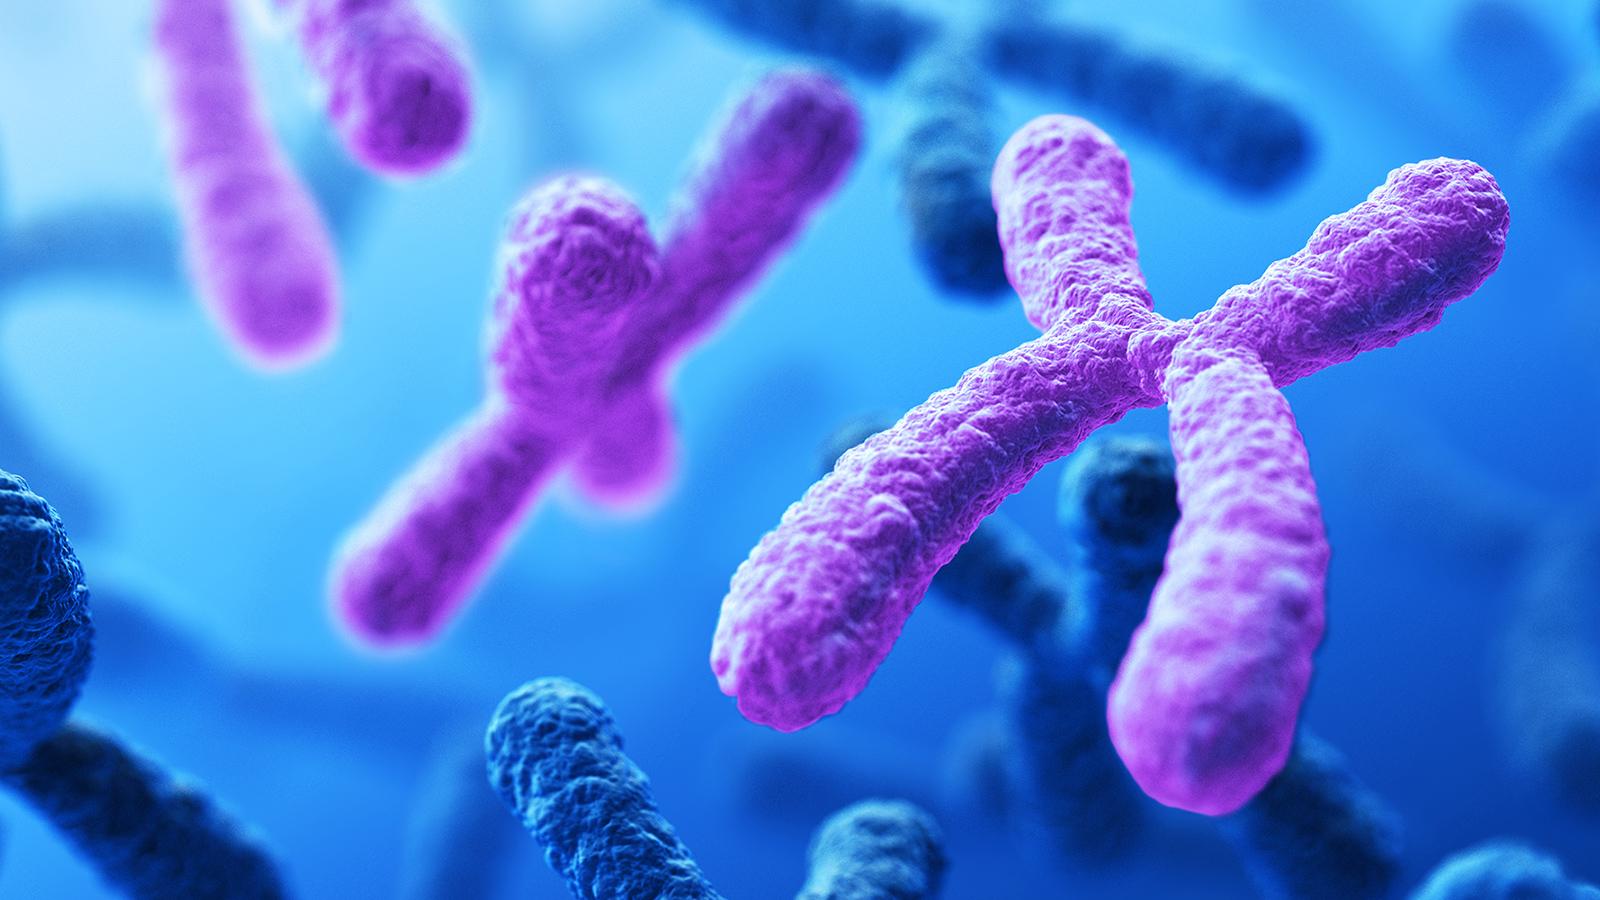 ماهي الوراثة المعقدة والوراثة البشرية المرسال